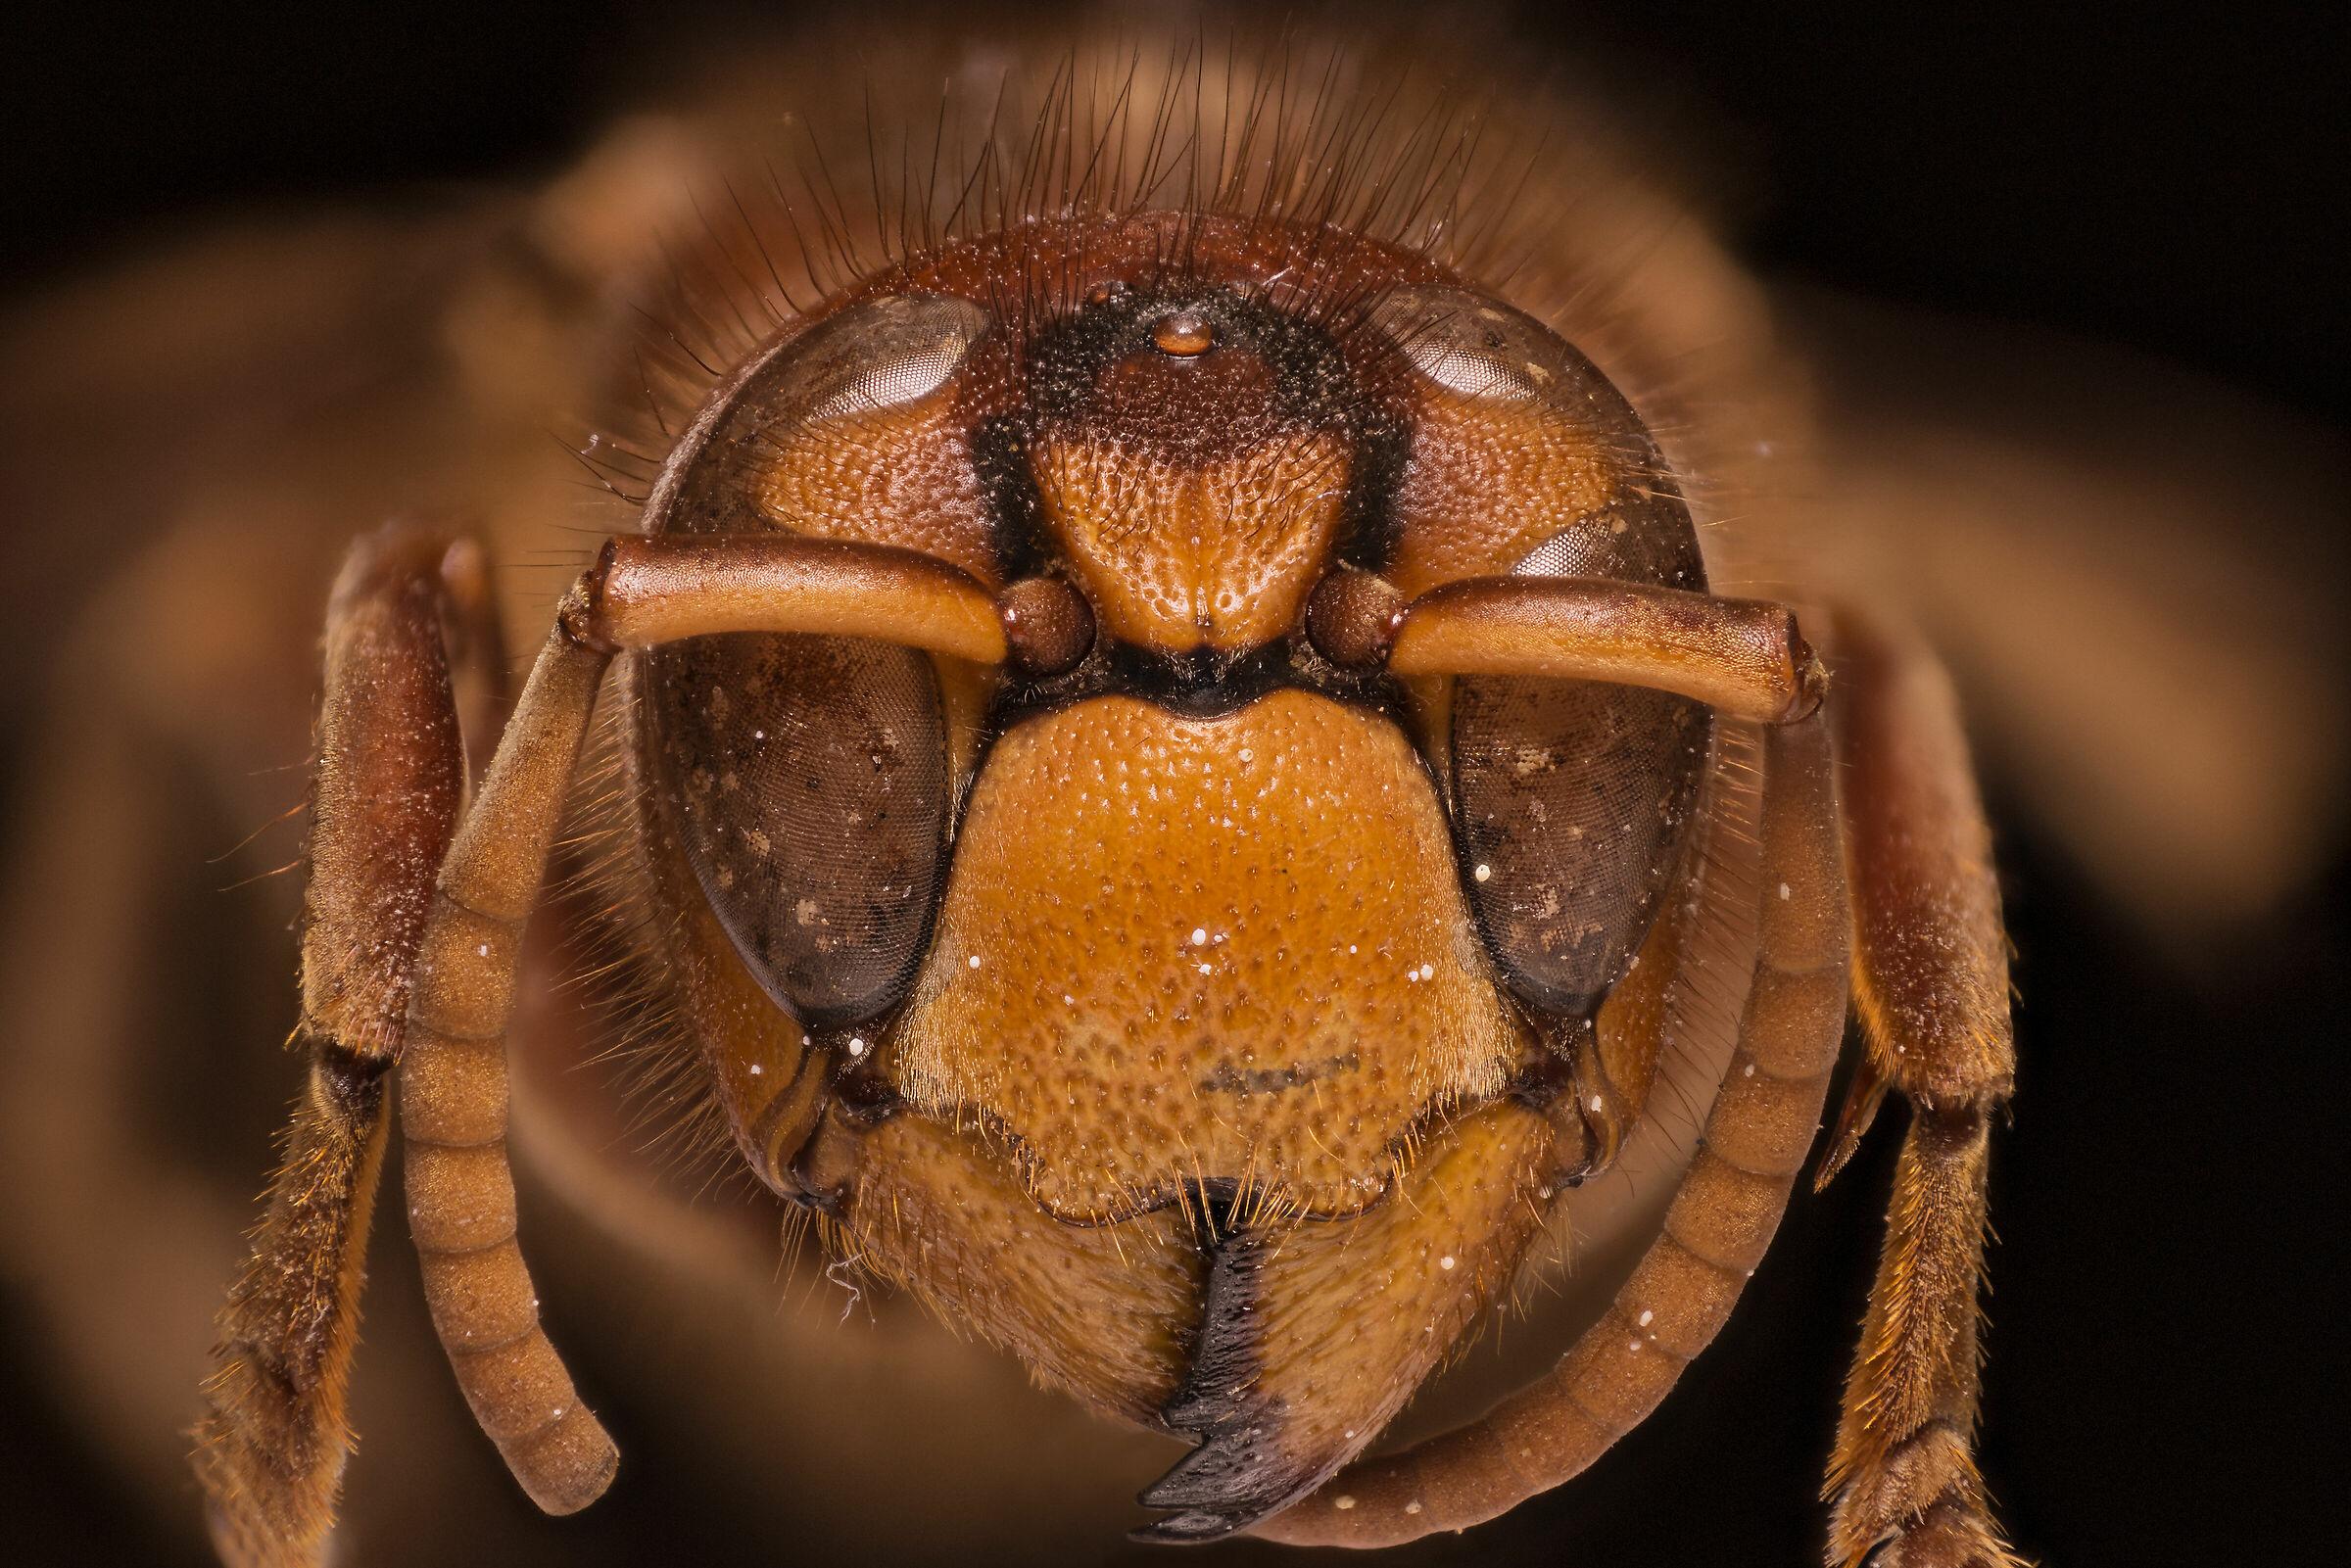 Hornet...